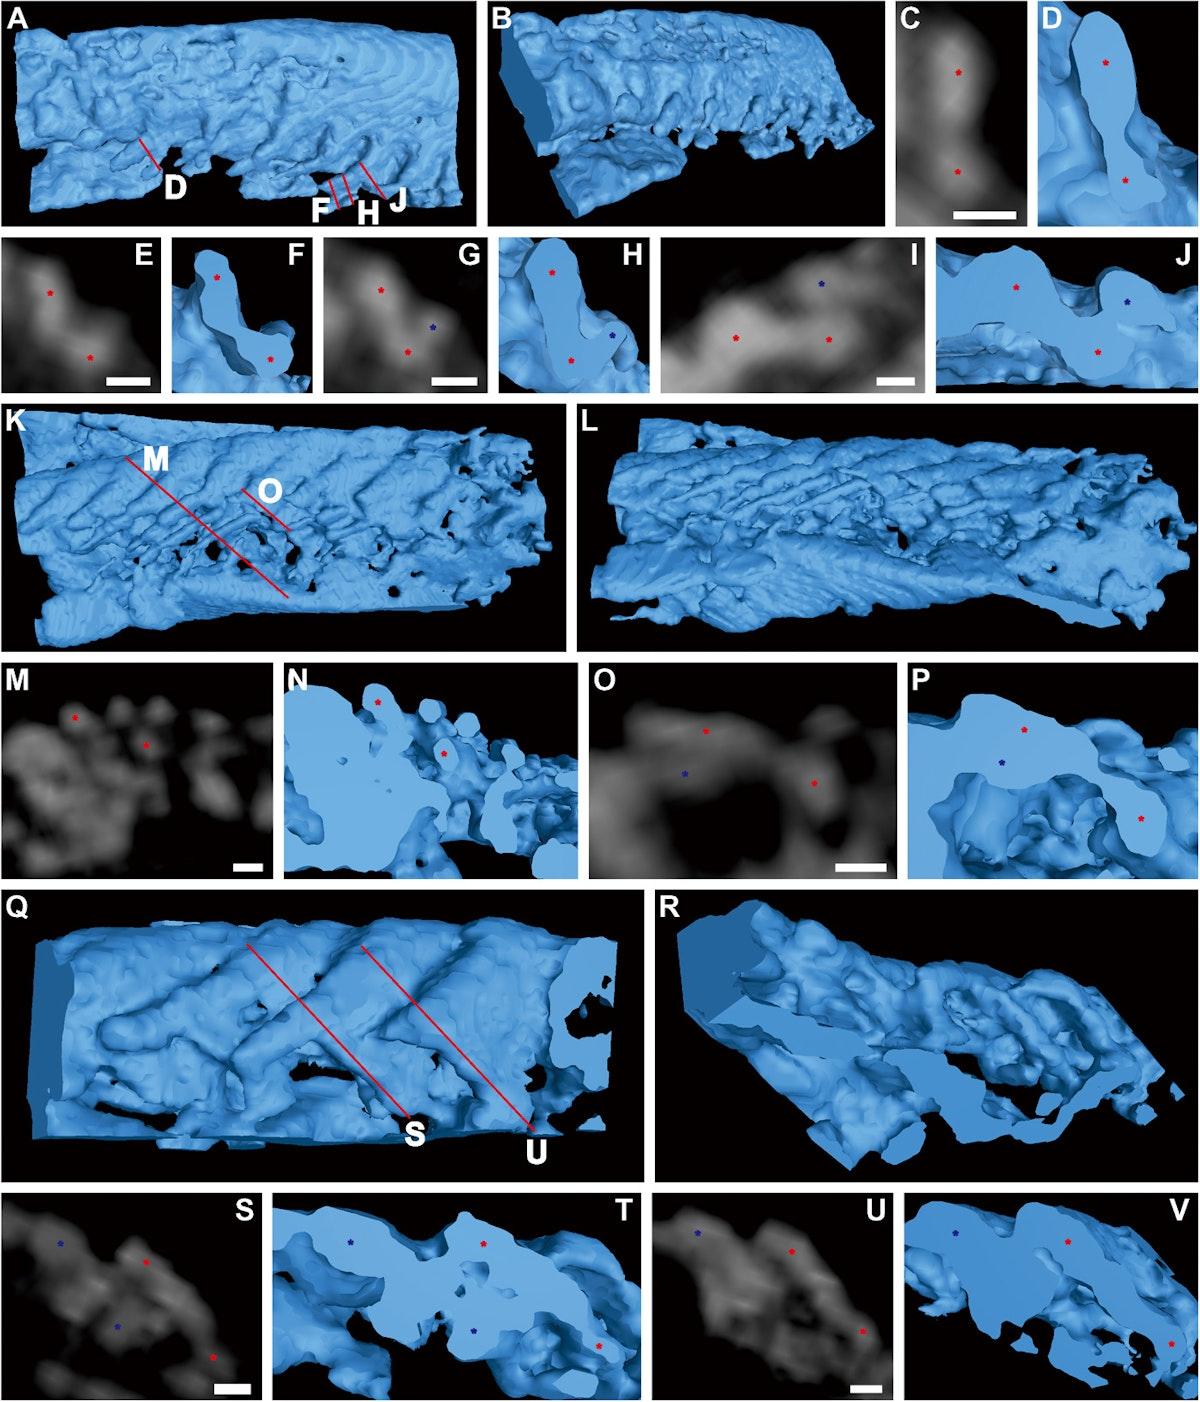 تصوير مقطعي محوسب يظهر تفاصيل خيوط الحفرية التي يبلغ عرضها ٣٠ ميكرون والموزعة على الجانب الخلفي العلوي من الحفرية. - sciadv